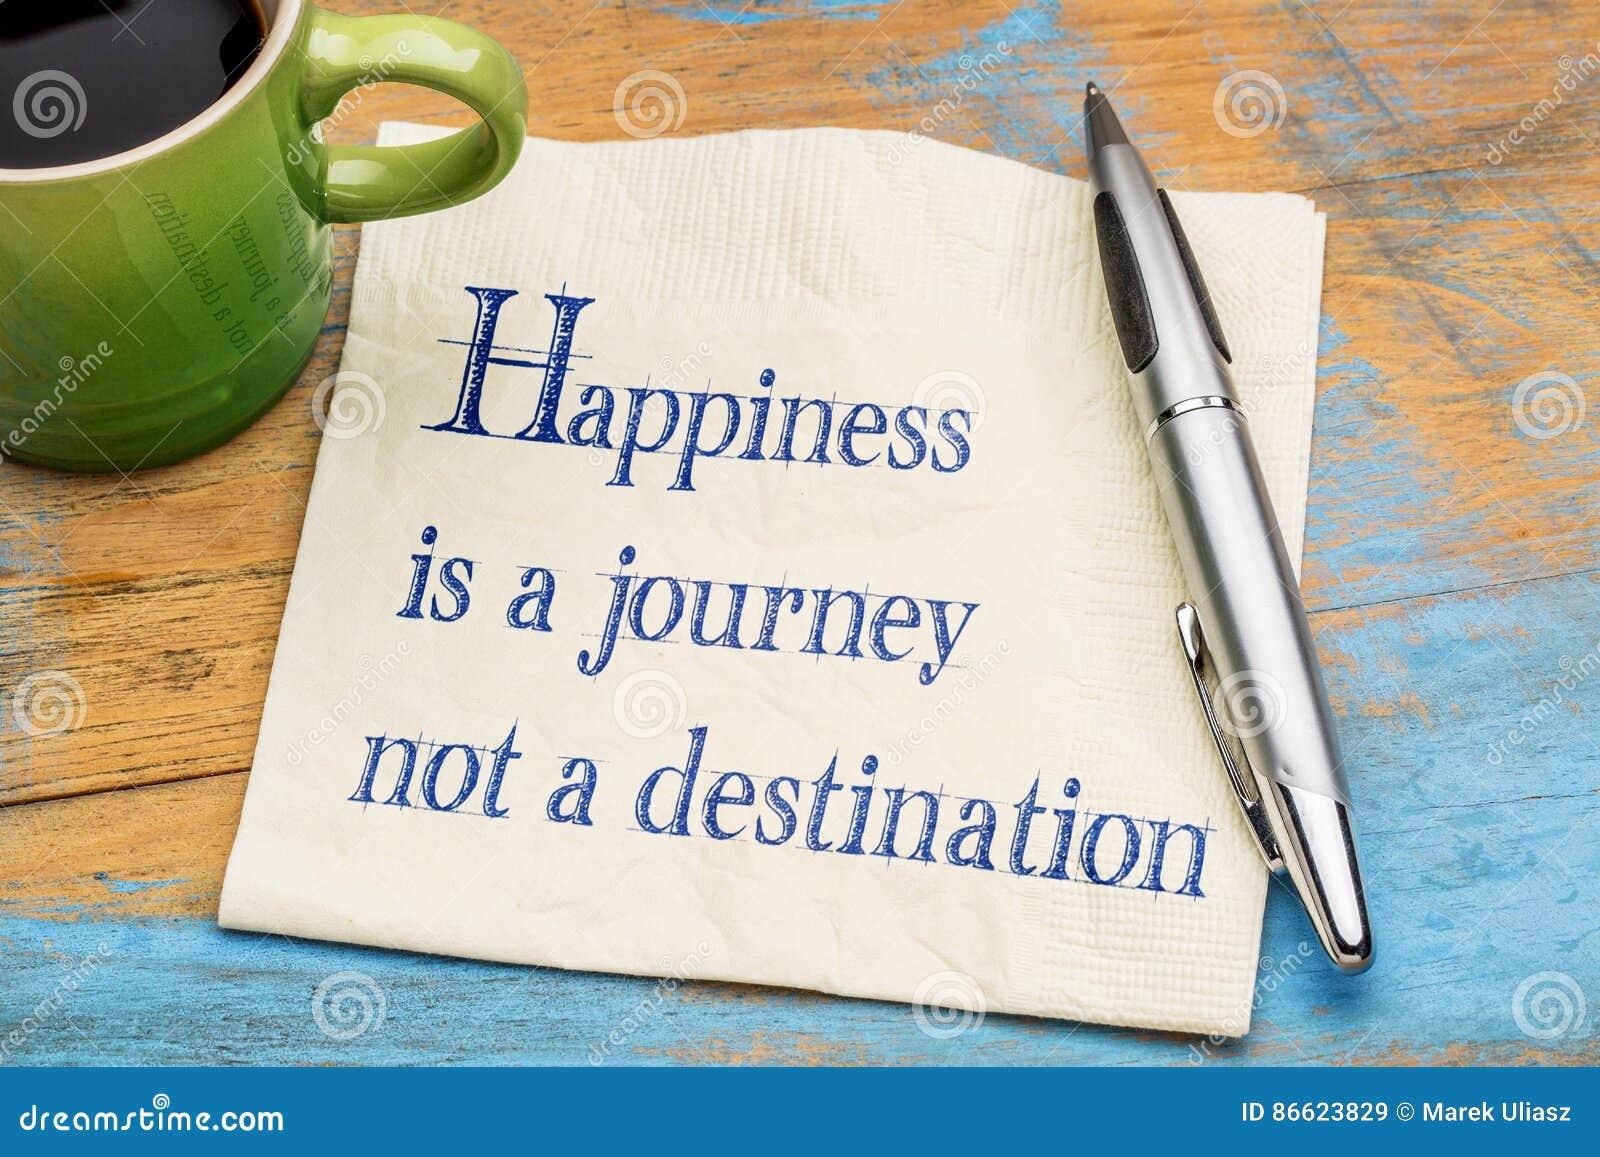 Η ευτυχία είναι ταξίδι, όχι προορισμός